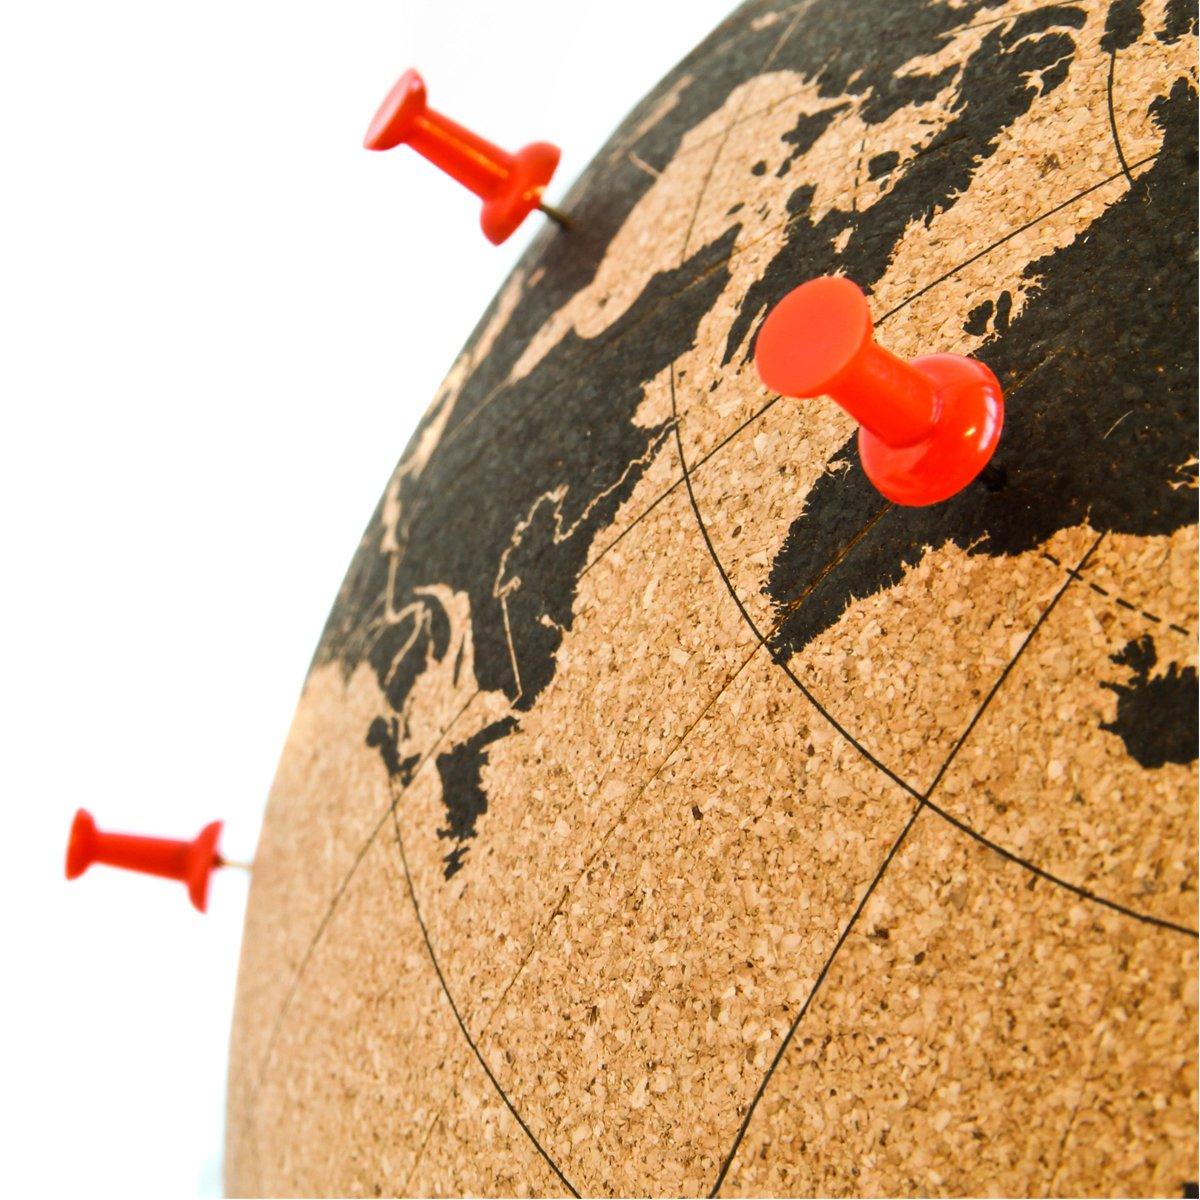 Suck UK Globo di Cork Mappamondo, Legno, Marronee Nero, Piccolo Piccolo Piccolo | Primi Clienti  | Prima i consumatori  | Moda moderna ed elegante  | Economico  | Elegante E Robusto Pacchetto  | Diversificate Nella Confezione  | Rifornimento Sufficiente  | Di Alta d8d1fe